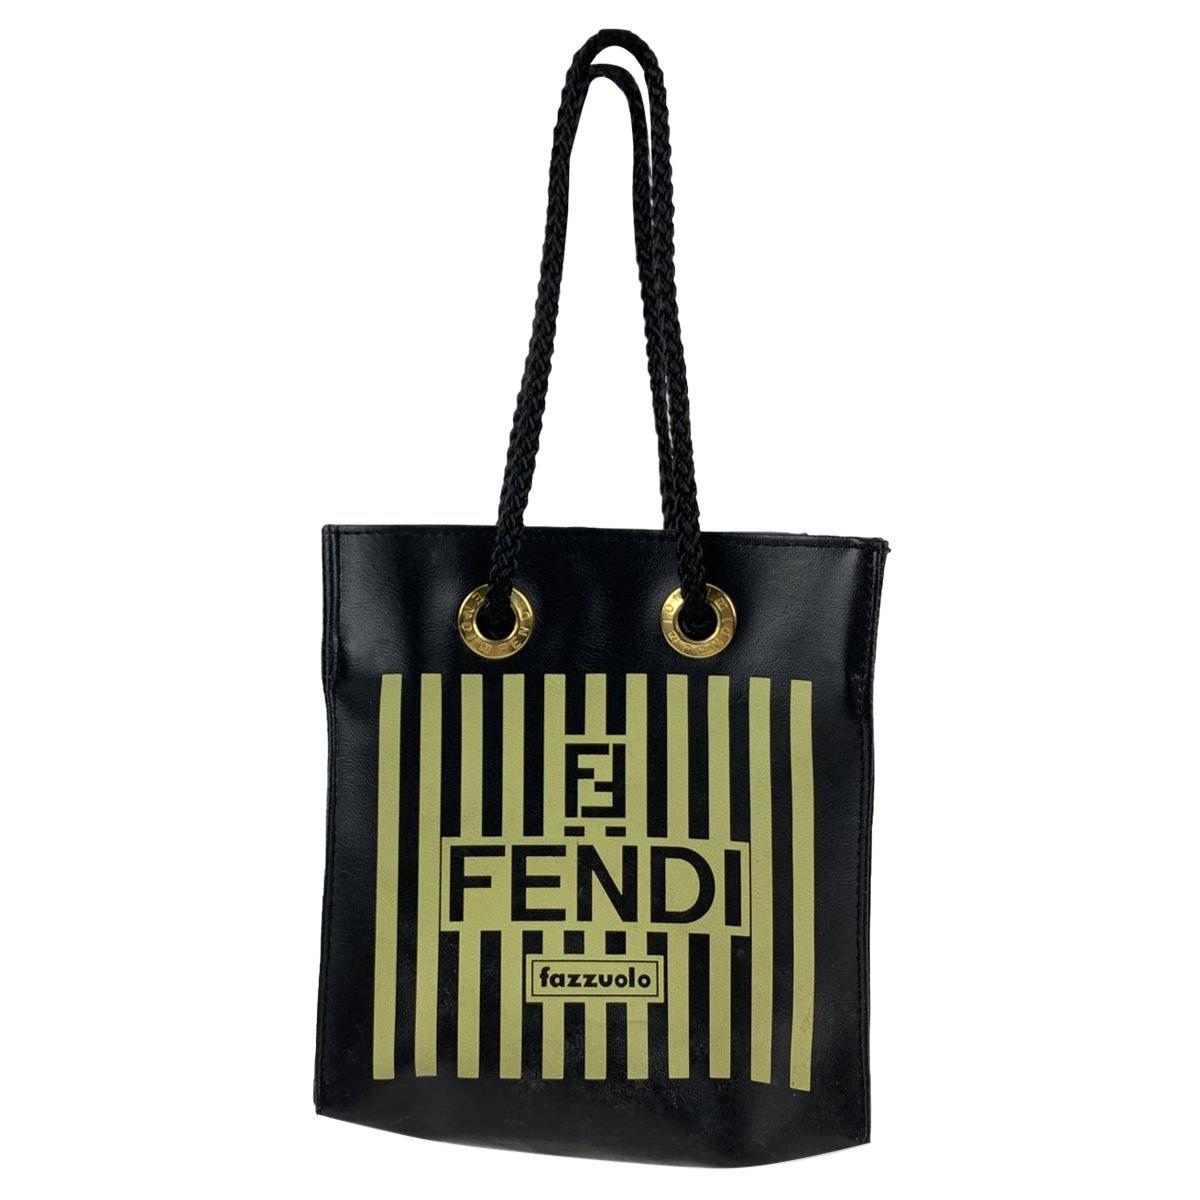 Fendi Fazzuolo Rare Vintage Striped Canvas Mini Tote Bag Handbag